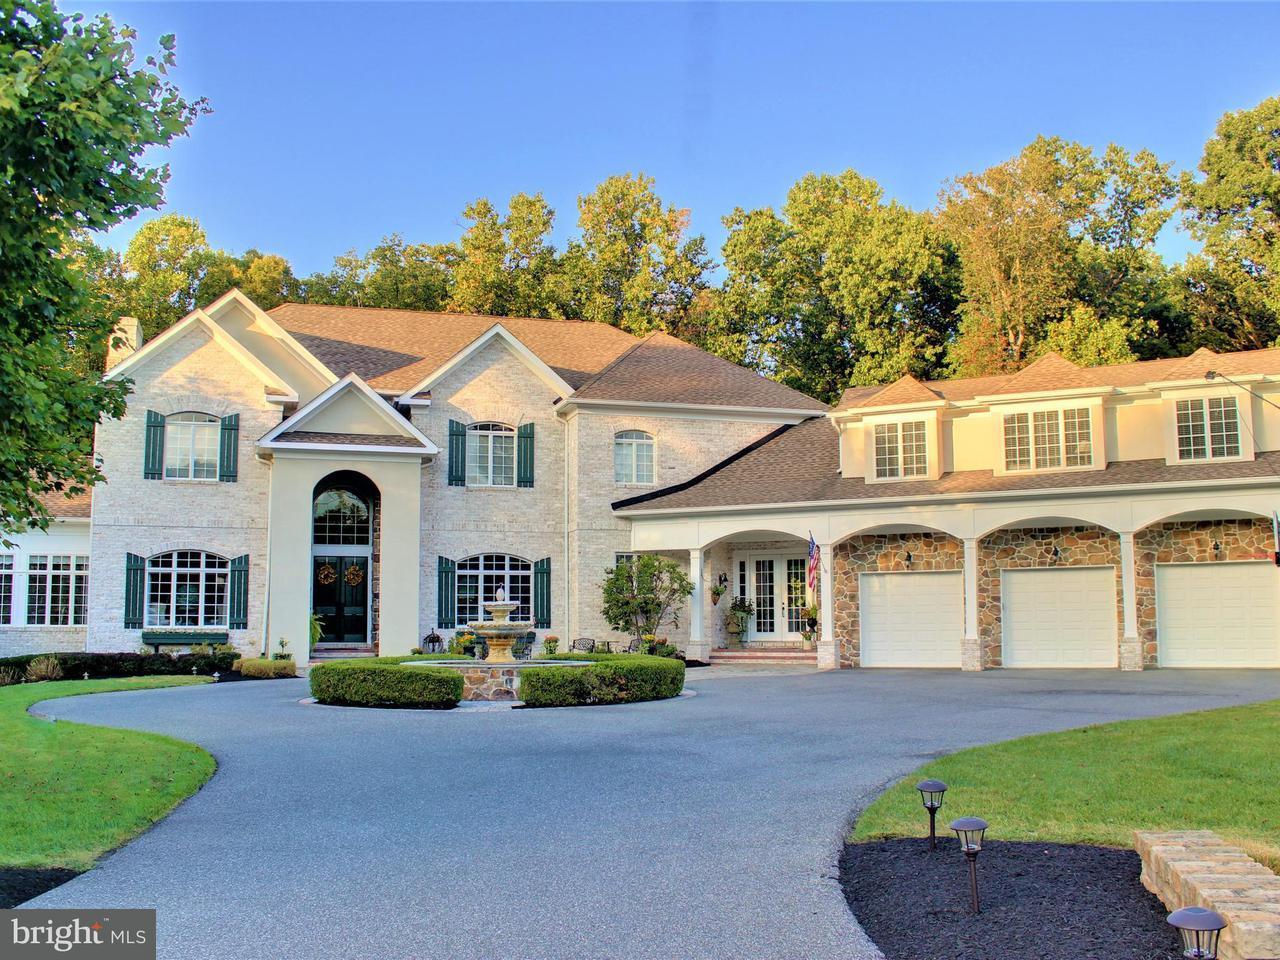 Частный односемейный дом для того Продажа на 7028 Meandering Stream Way 7028 Meandering Stream Way Fulton, Мэриленд 20759 Соединенные Штаты